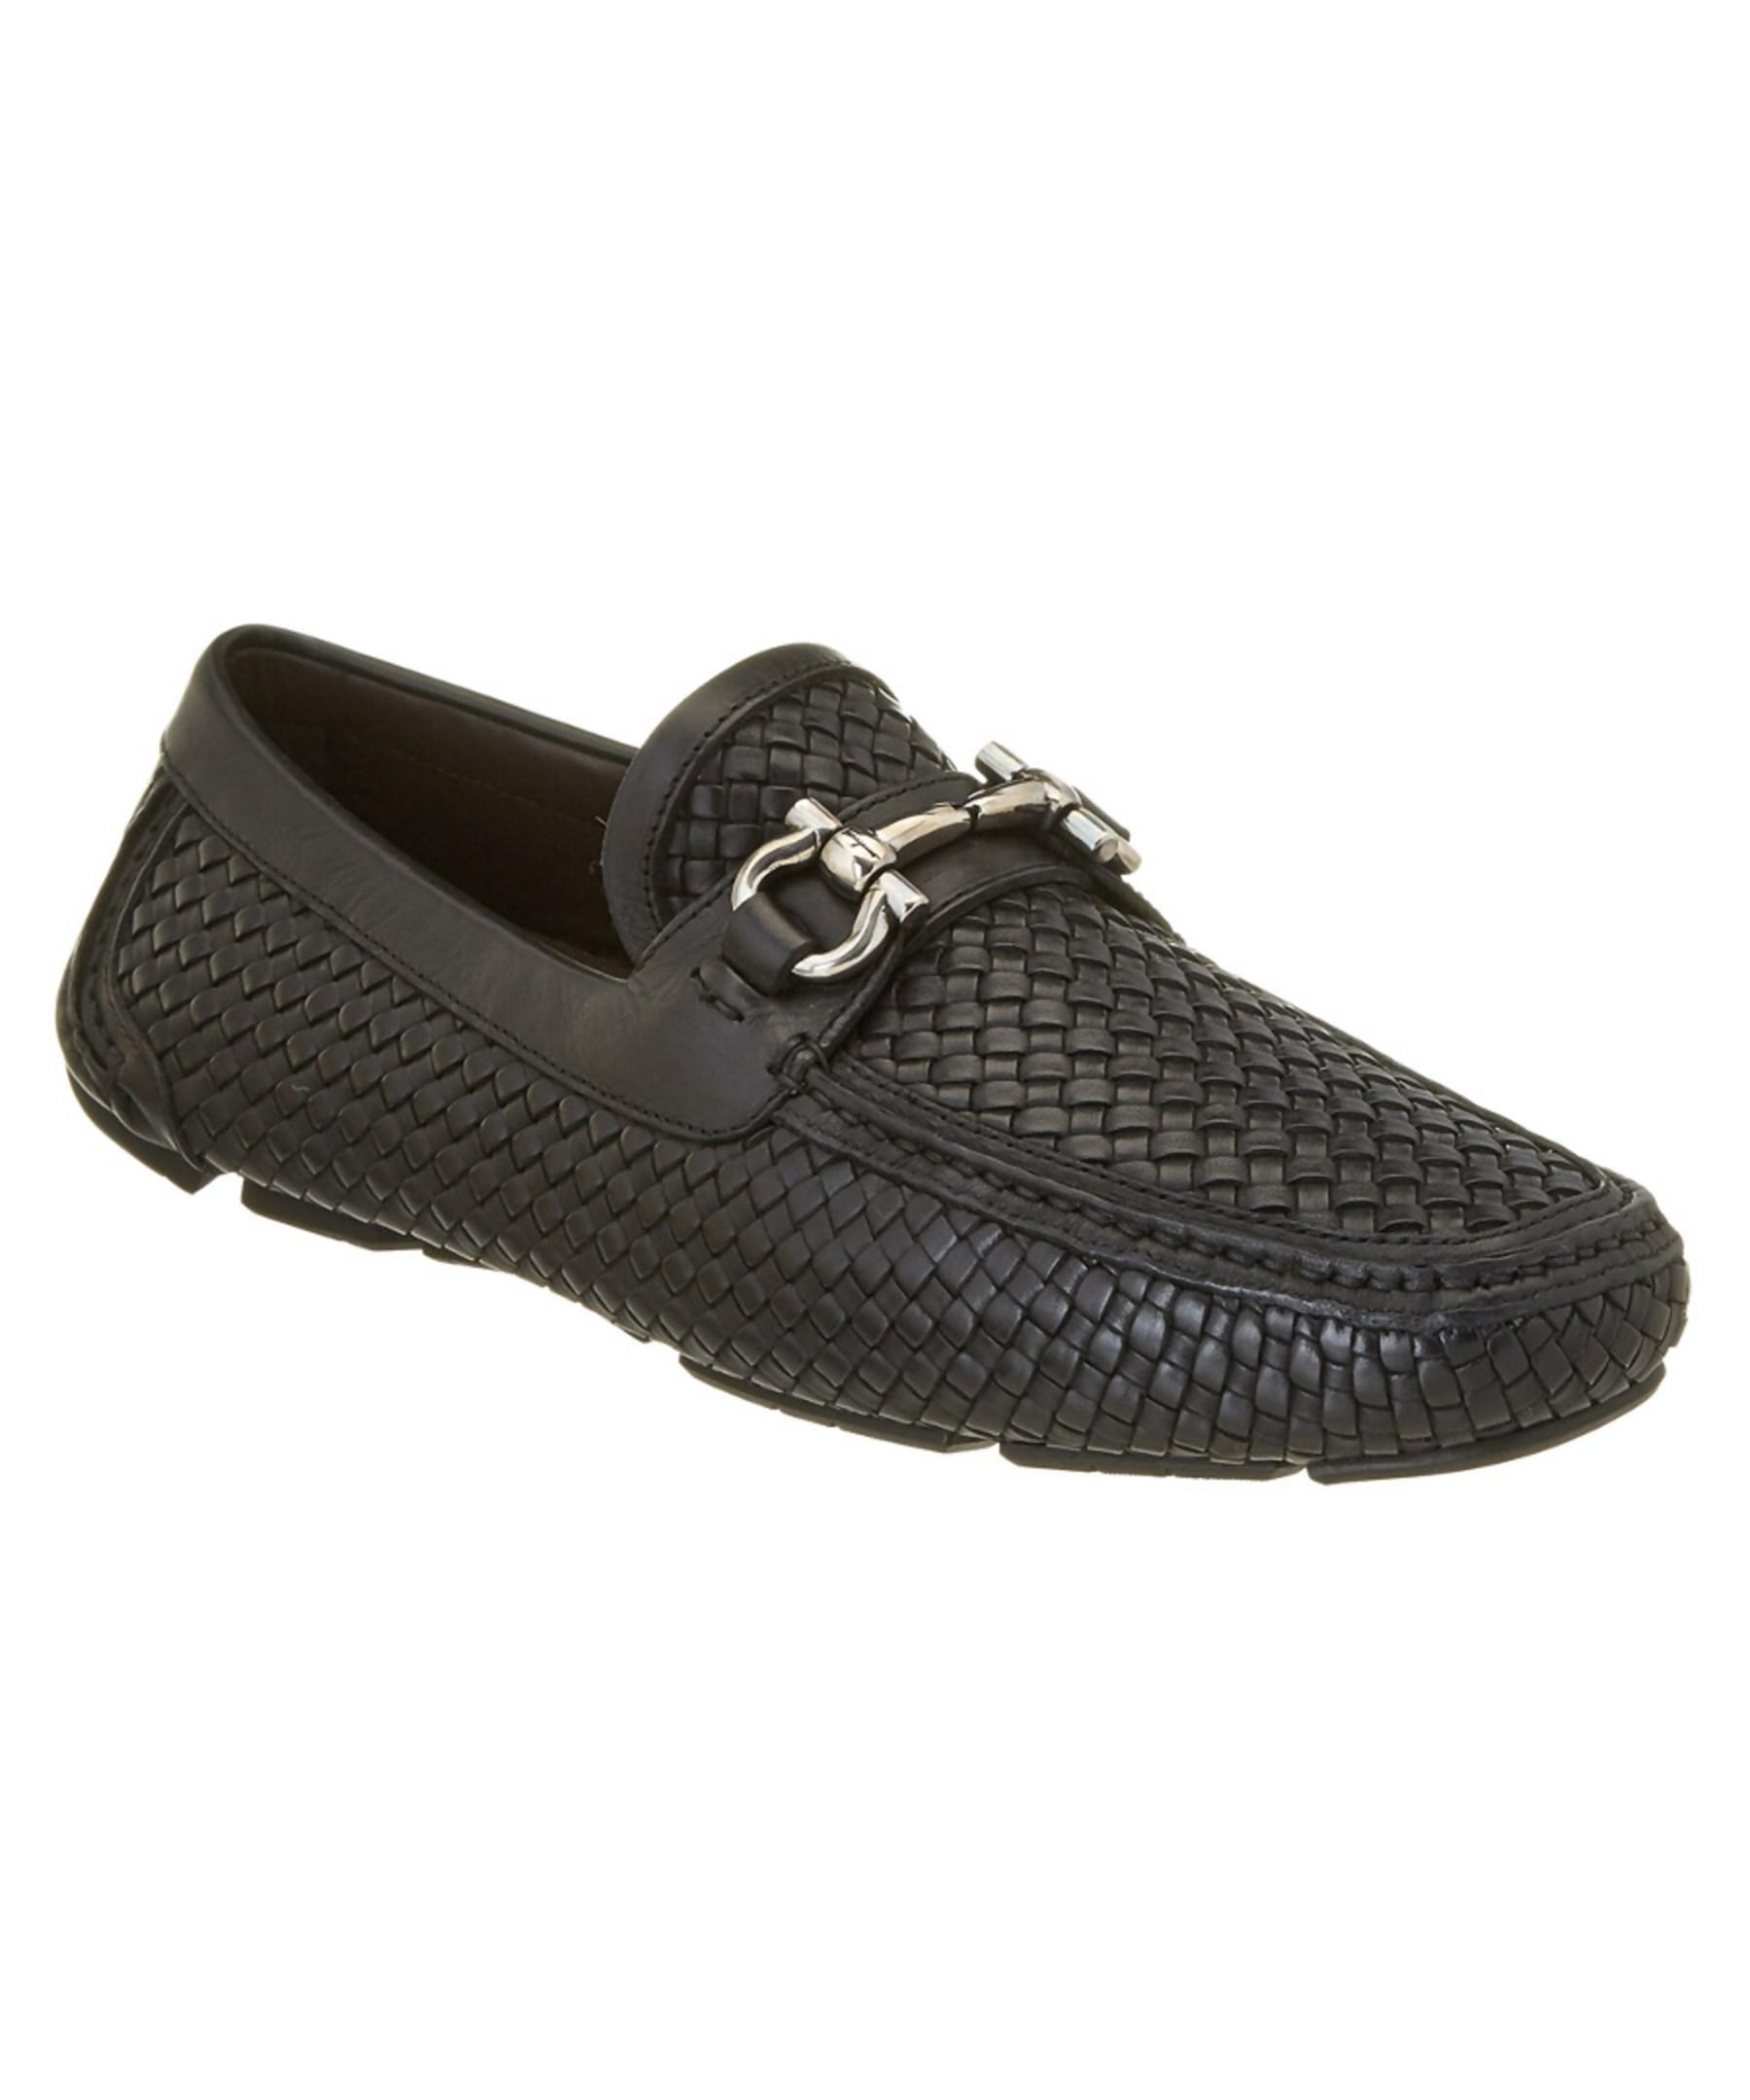 Mens Black Woven Shoes